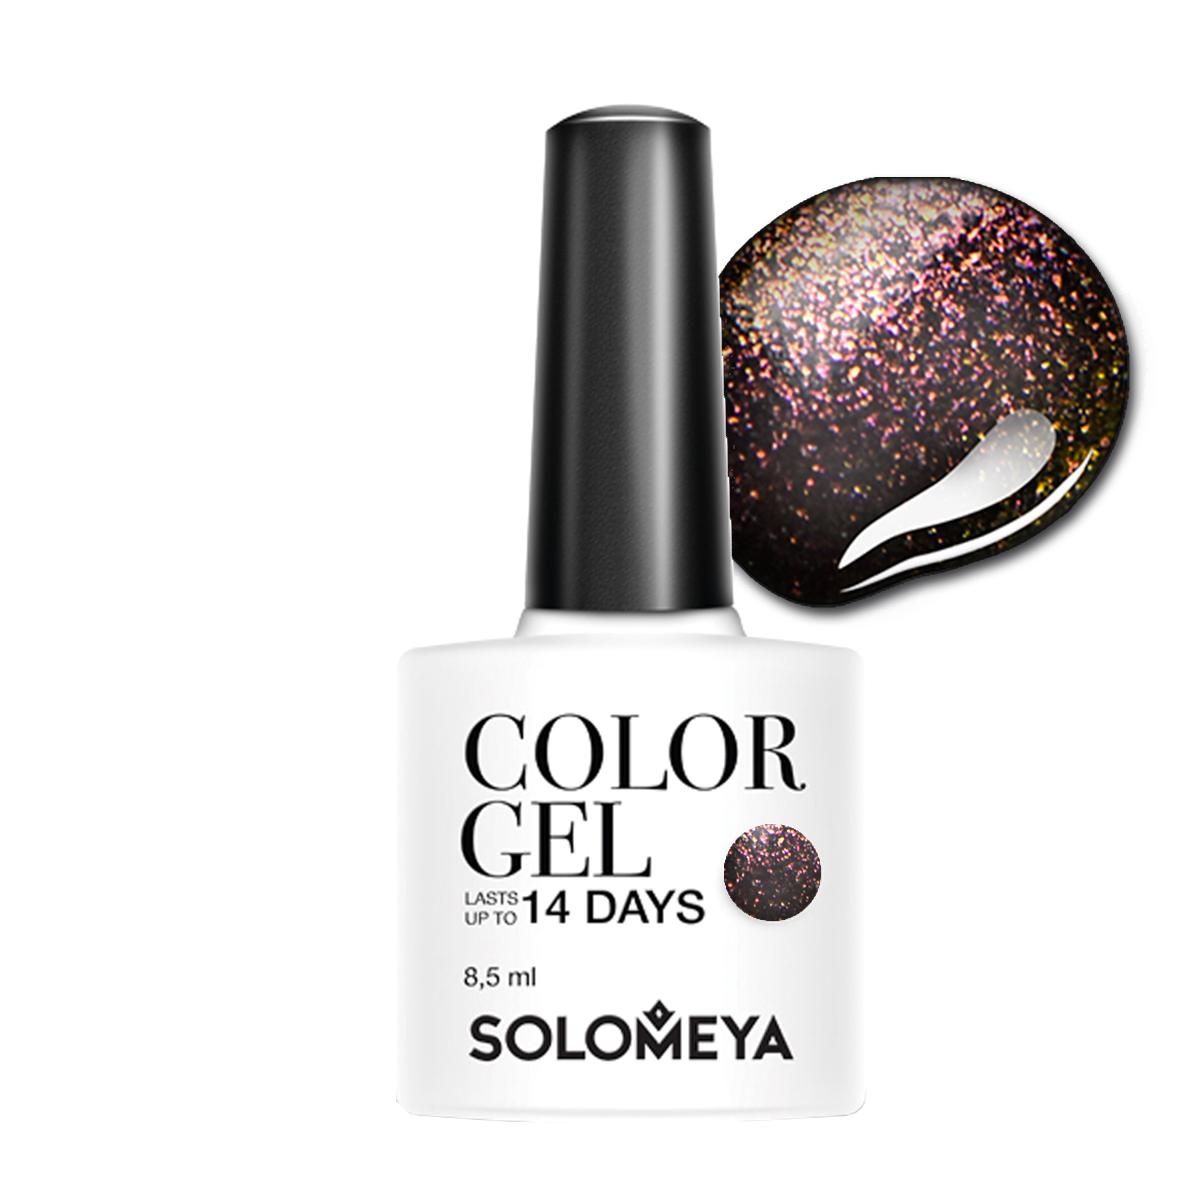 SOLOMEYA Гель-лак для ногтей SCGС022 Звездная пыль / Color Gel Stardust 8,5 мл